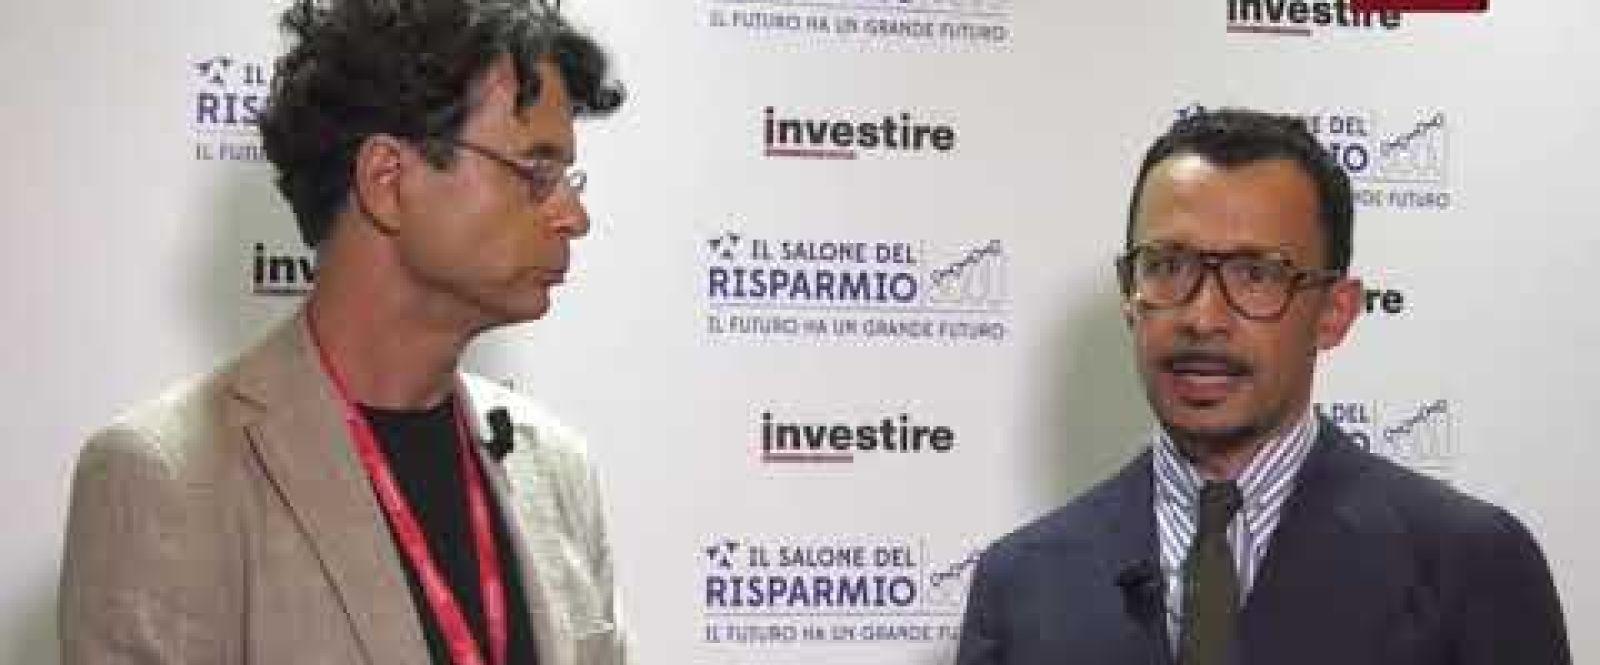 """Catalano (VanEck): """"Etf, non solo gold: anche le terre rare nel mirino degli investitori"""""""